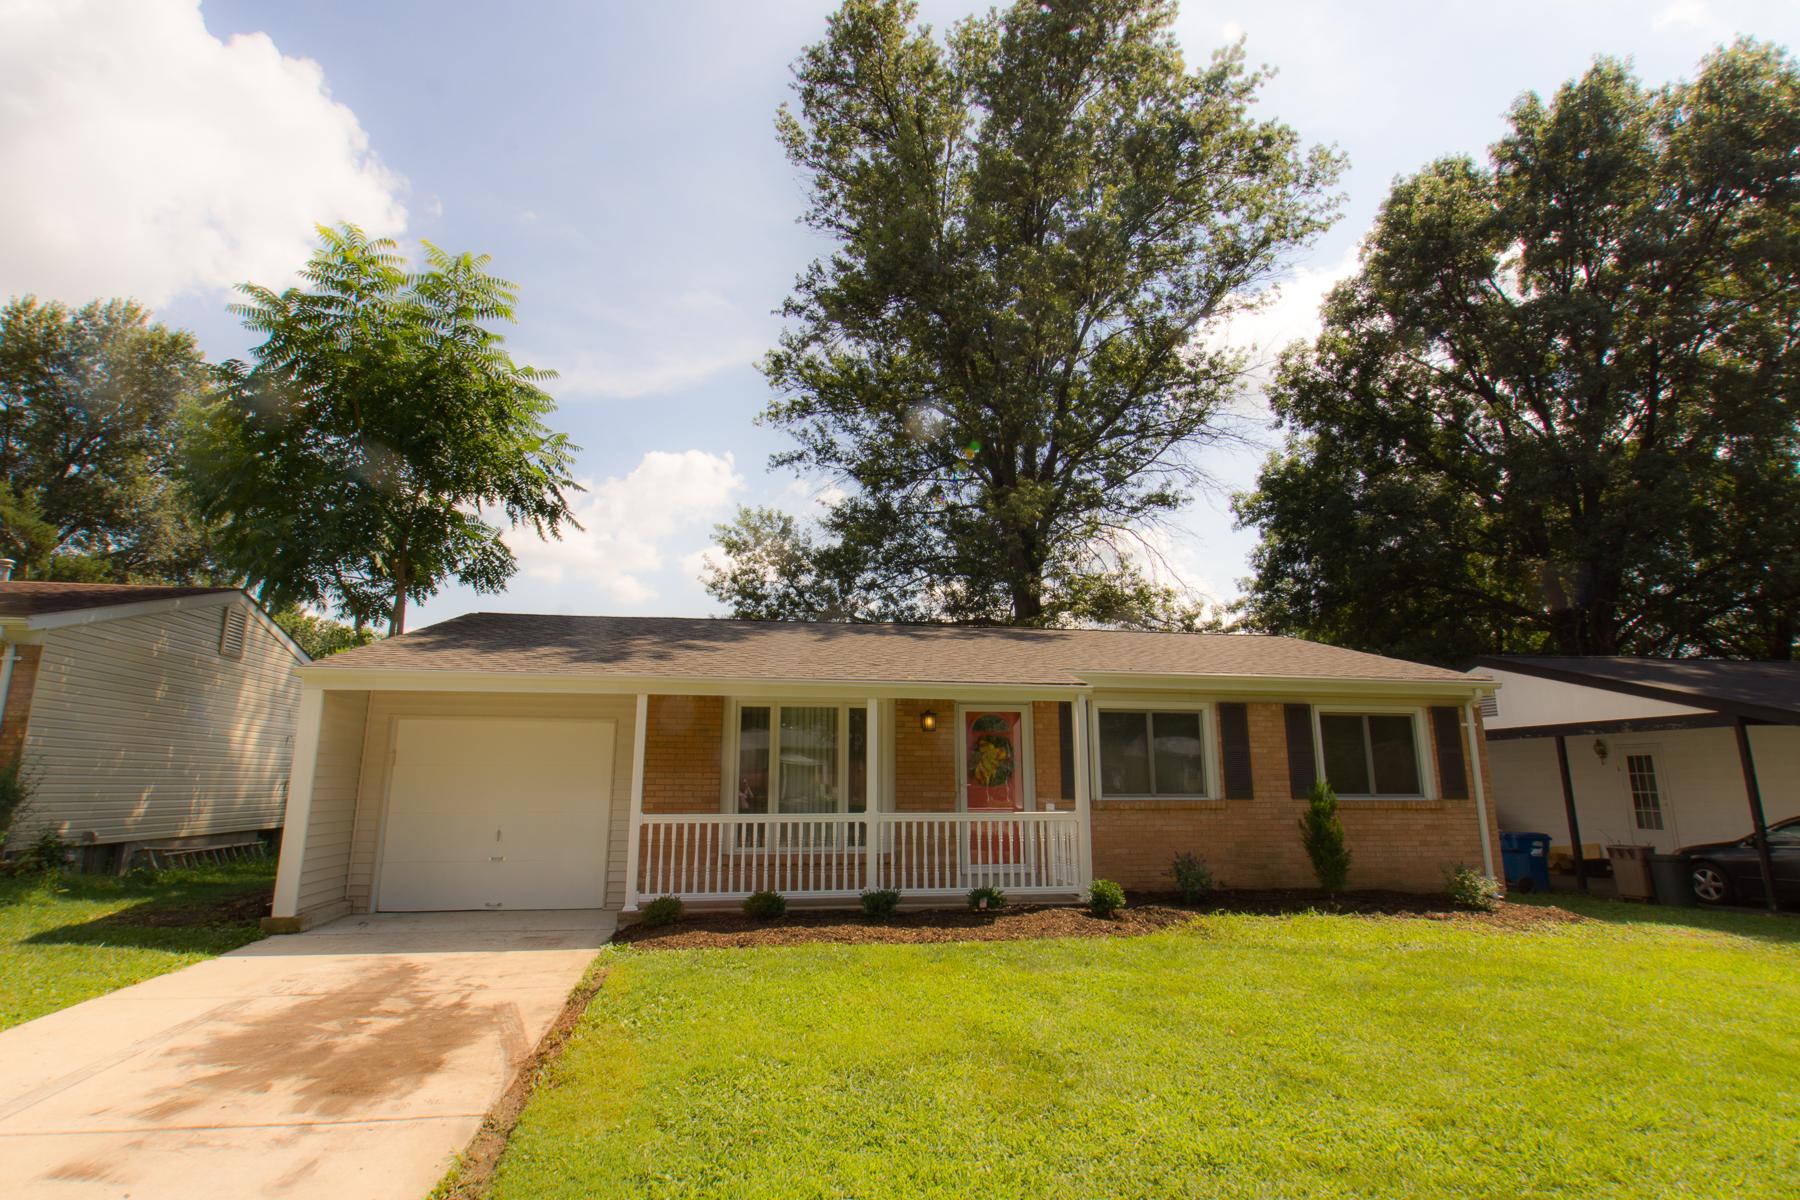 Casa para uma família para Venda às Brookmont 11824 Brookmont Dr Maryland Heights, Missouri 63043 Estados Unidos